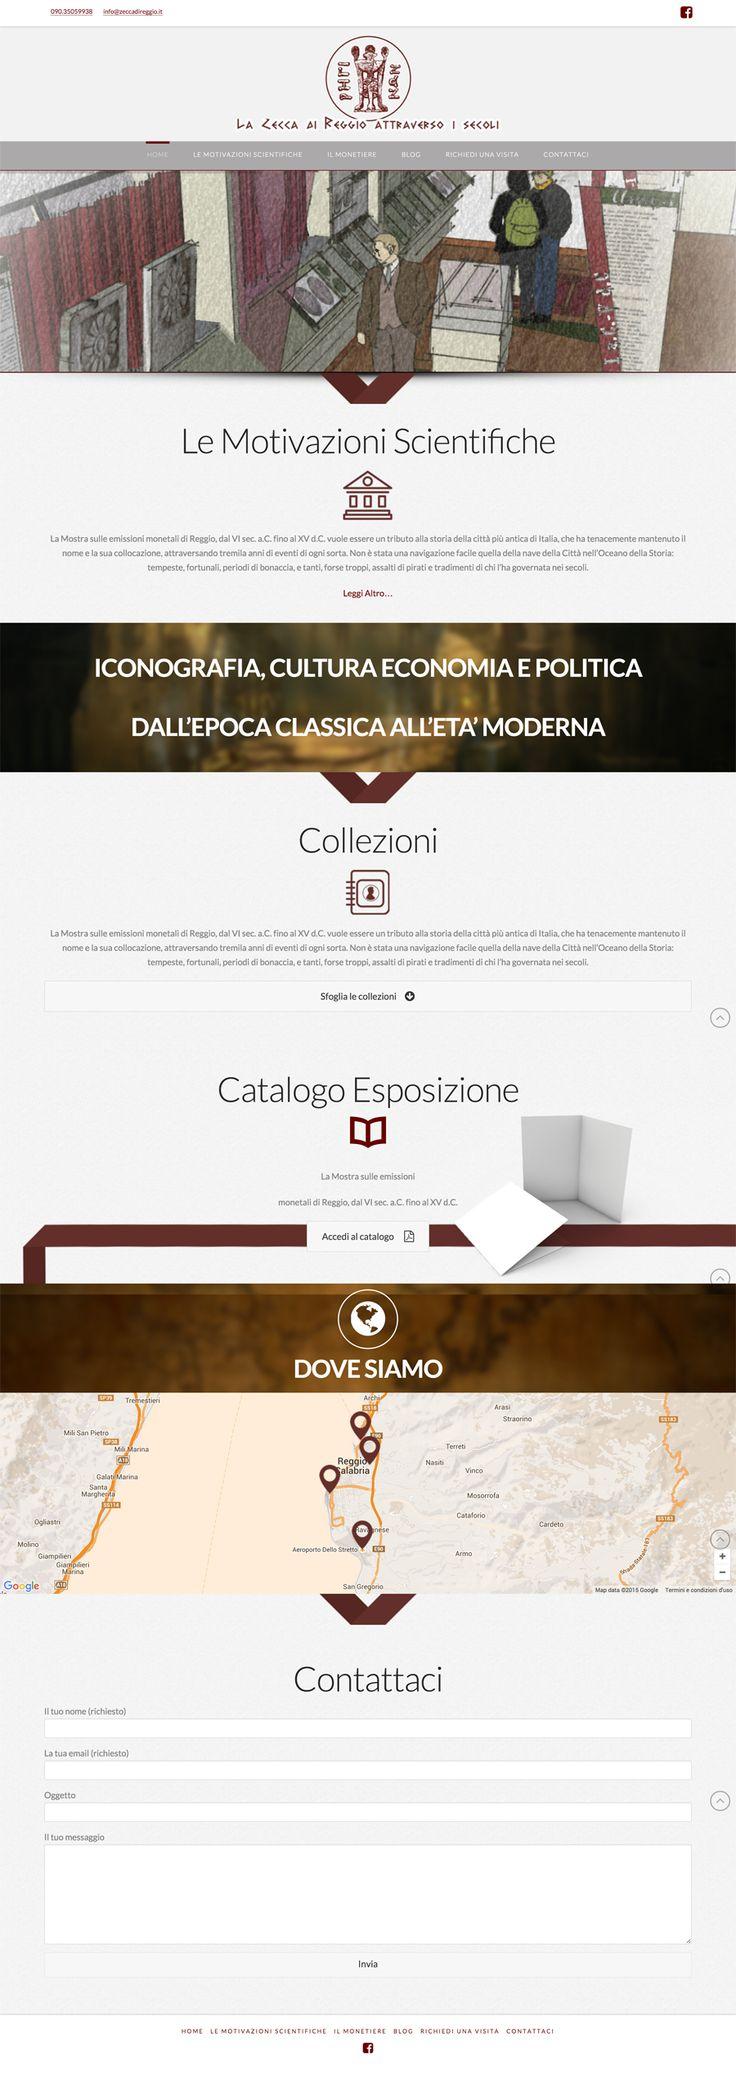 Sito web di presentazione per La Zecca di Reggio - Messina - HomePage - Realizzato con Wordpress- Anno 2015